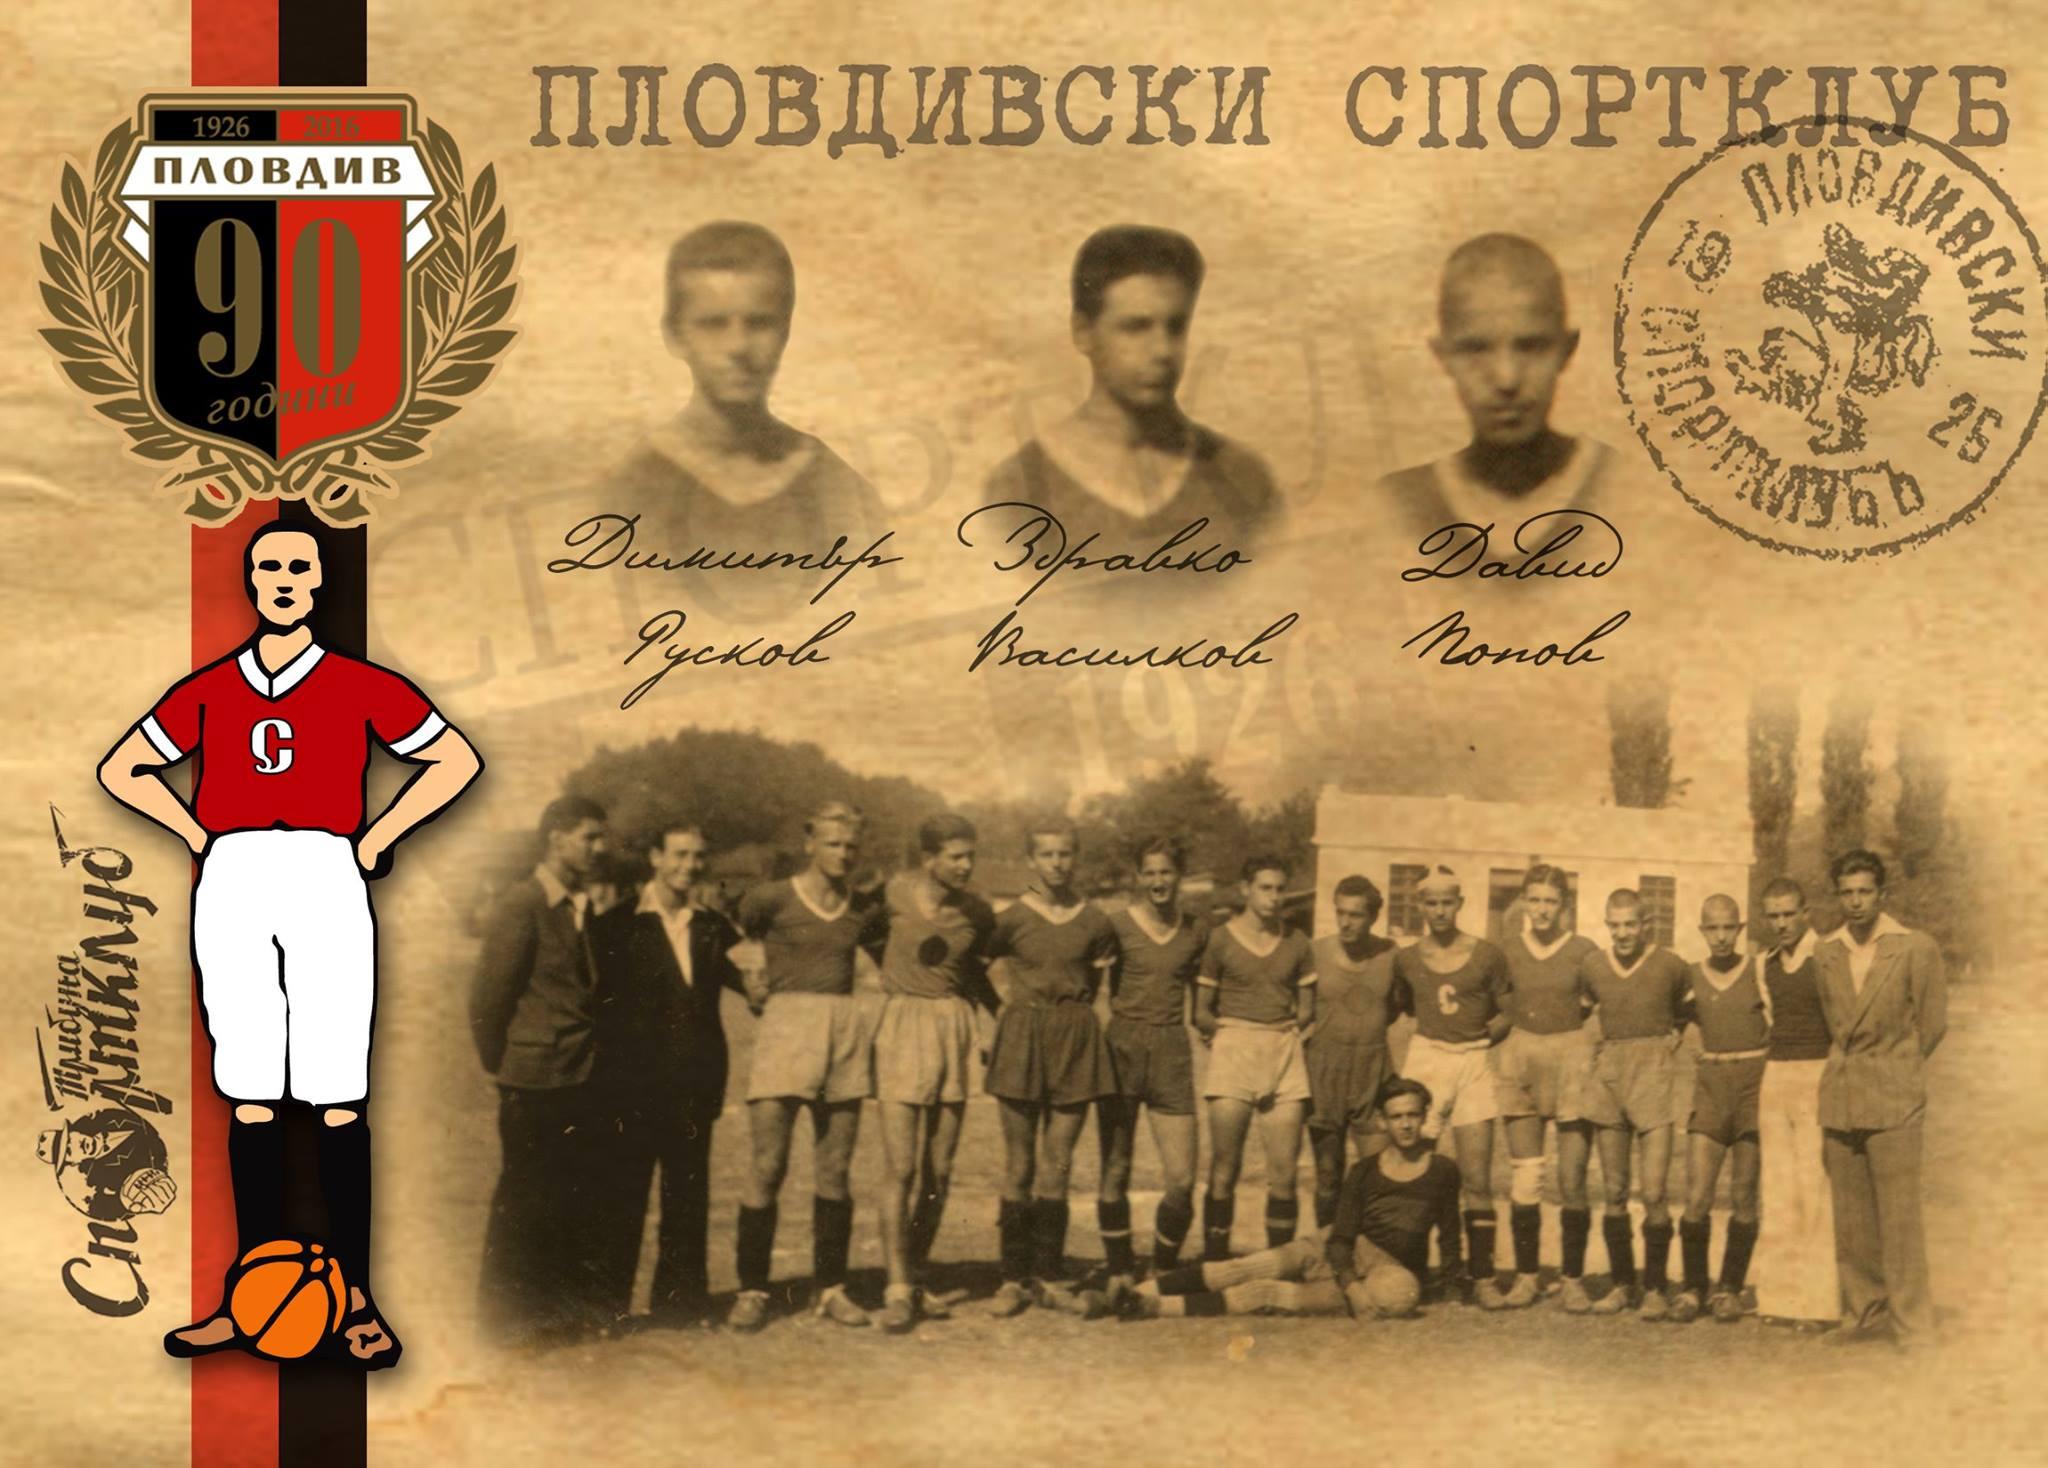 Юноши на Спортклуб през 1942 и 1943 година